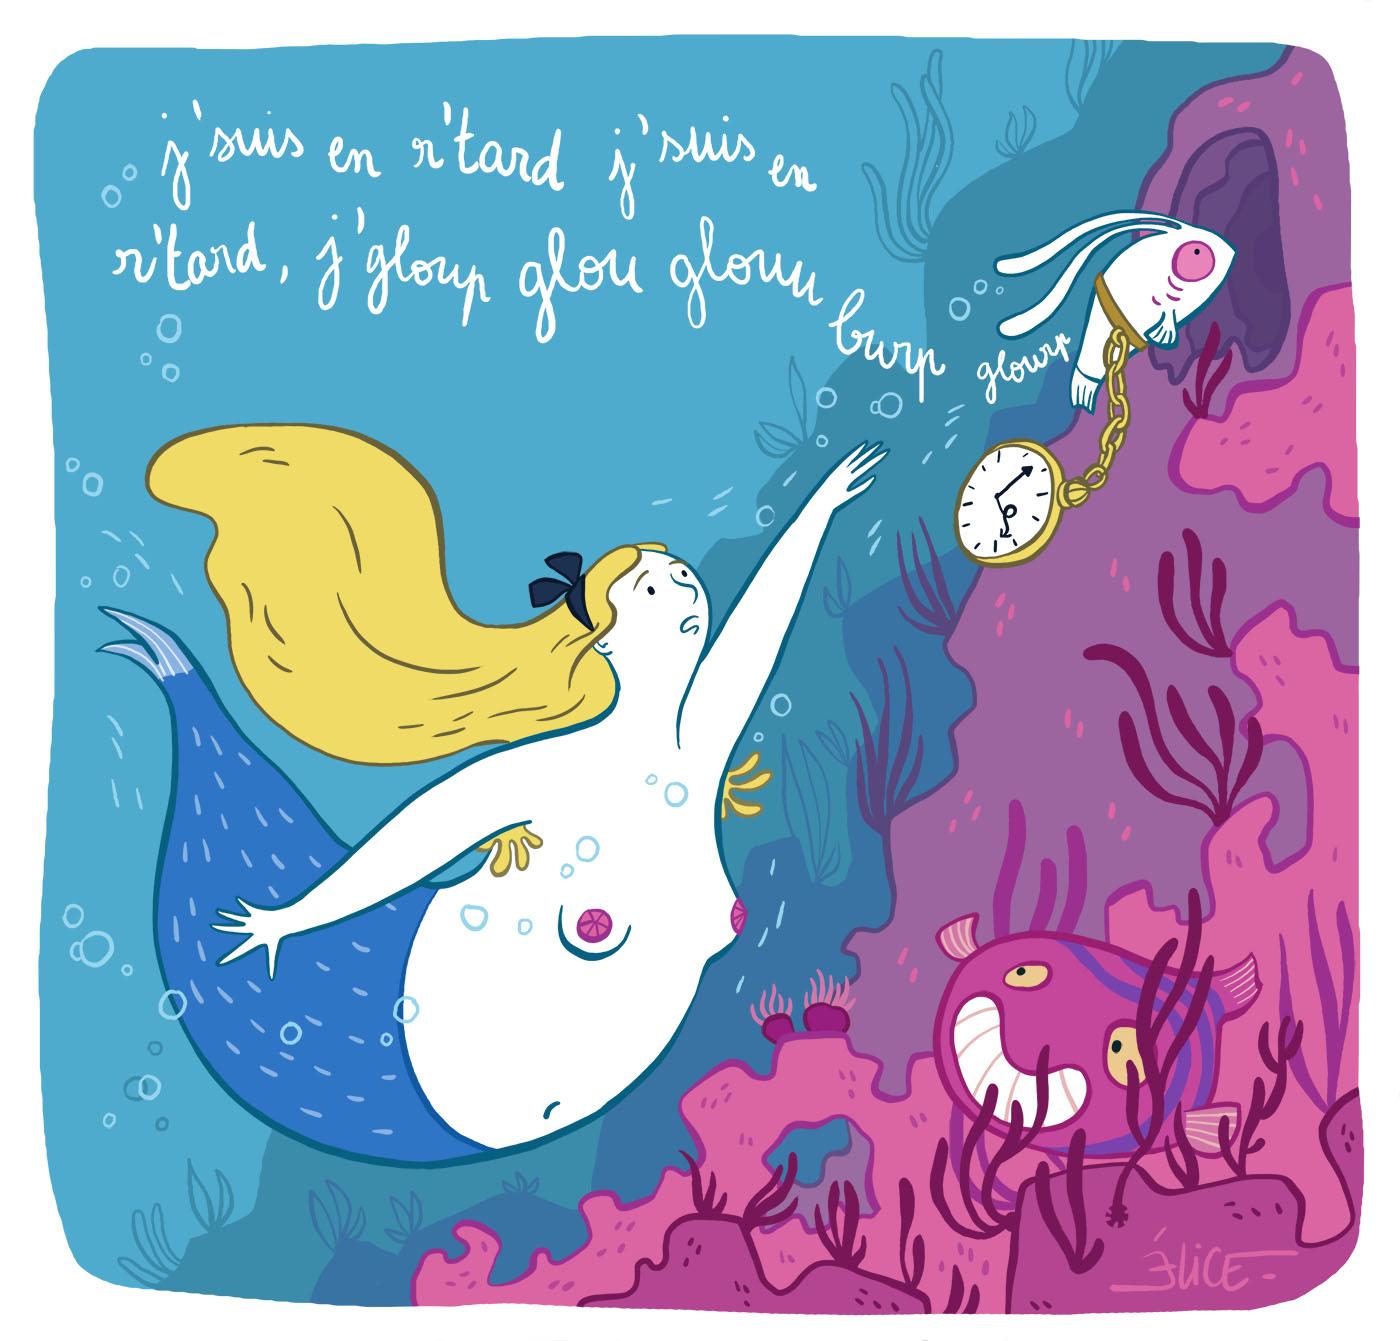 Parodie d'Alice au pays des merveilles mode aquatique